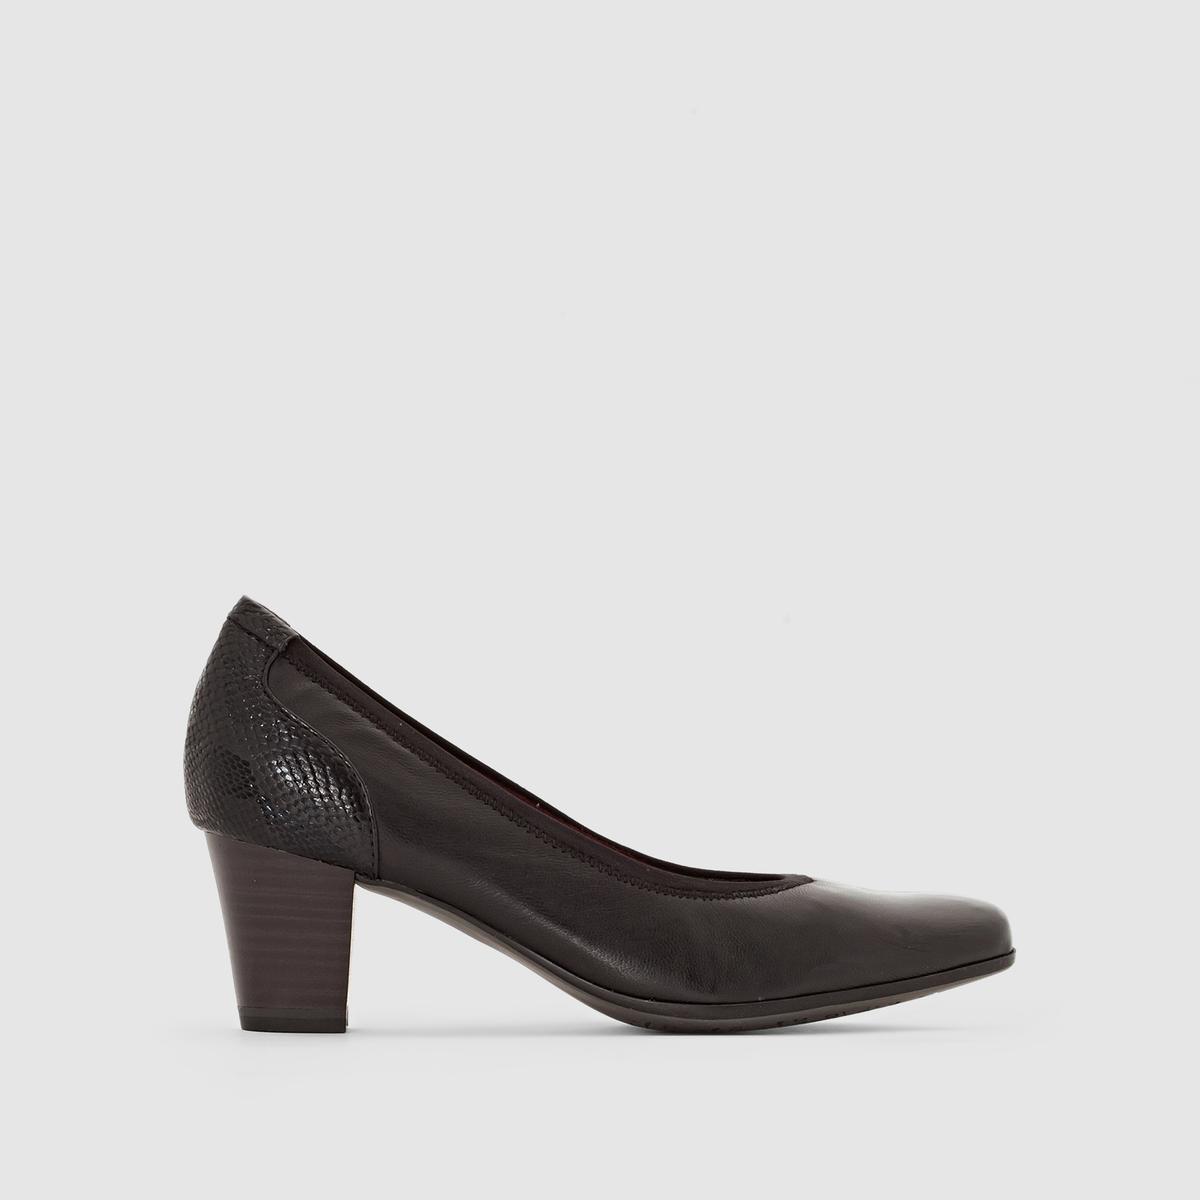 Туфли кожаные 22400-27Подкладка : текстиль Стелька : кожа Подошва : синтетика Высота каблука : 5,5 см Форма каблука : широкий Мысок : закругленный Застежка : без застежки<br><br>Цвет: черный<br>Размер: 39